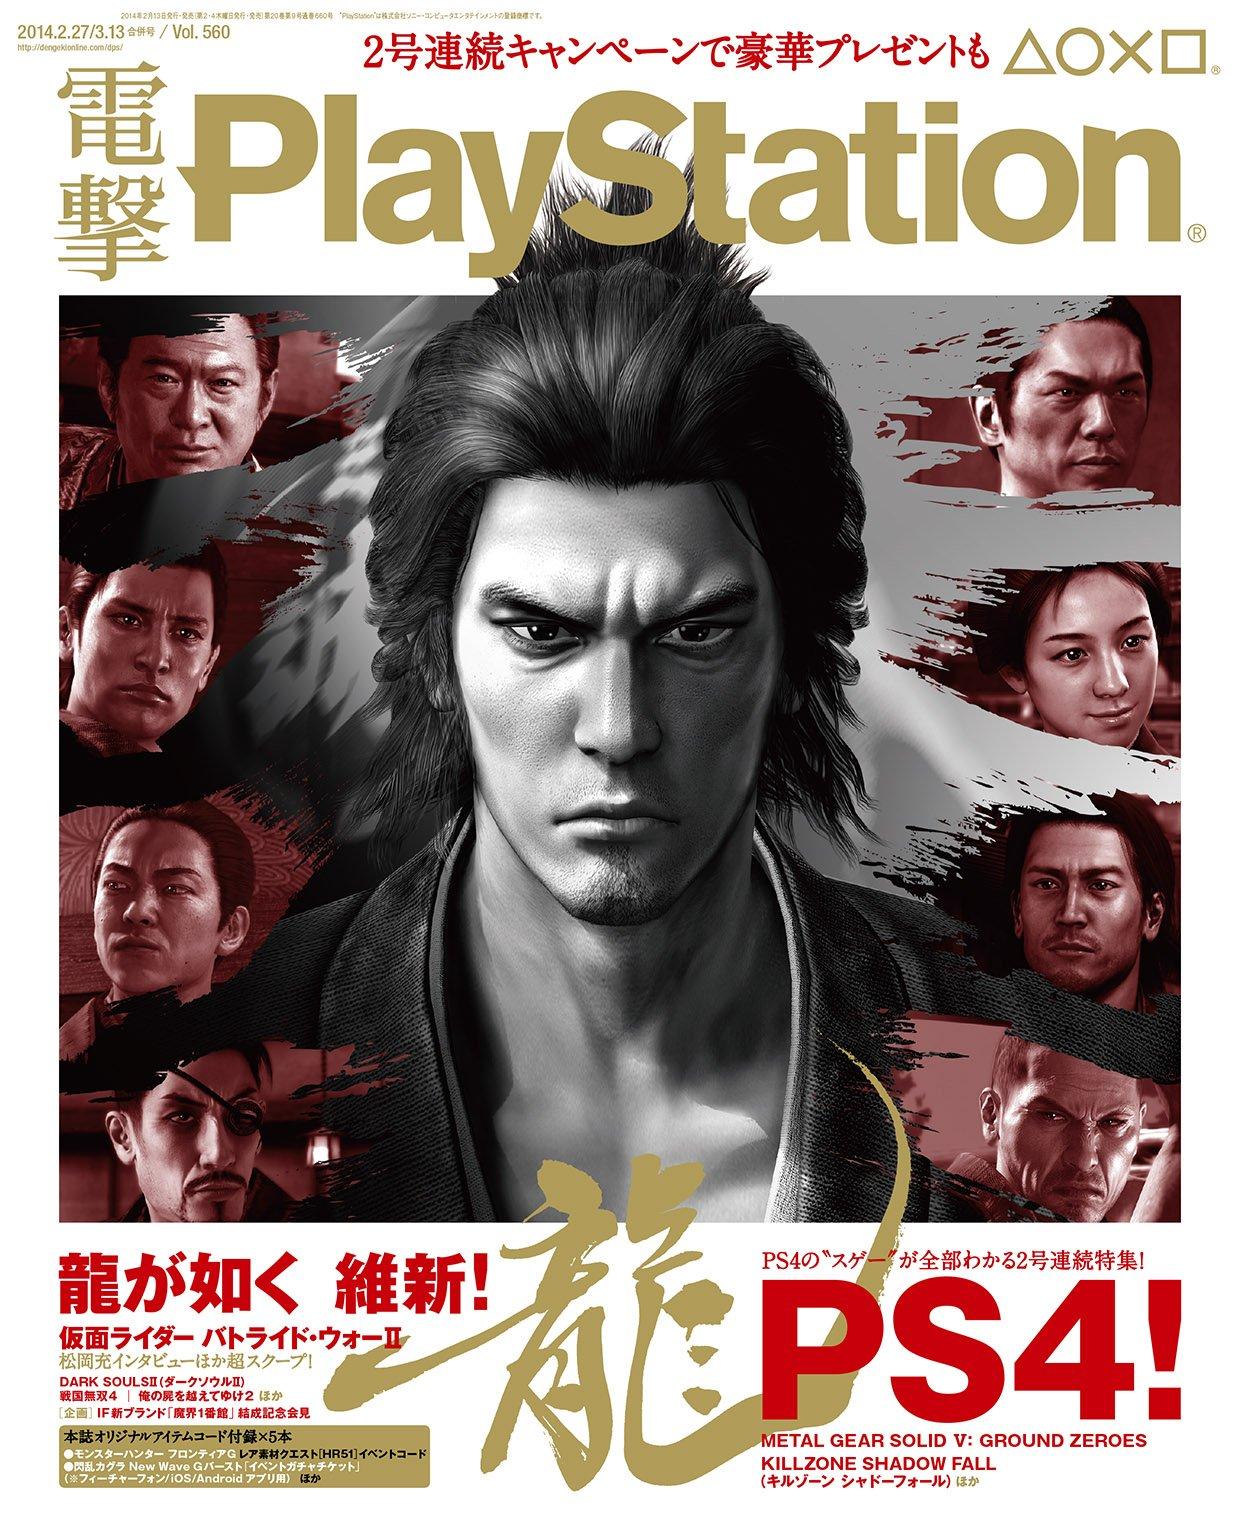 Dengeki PlayStation 560 (February 27/March 13, 2014)